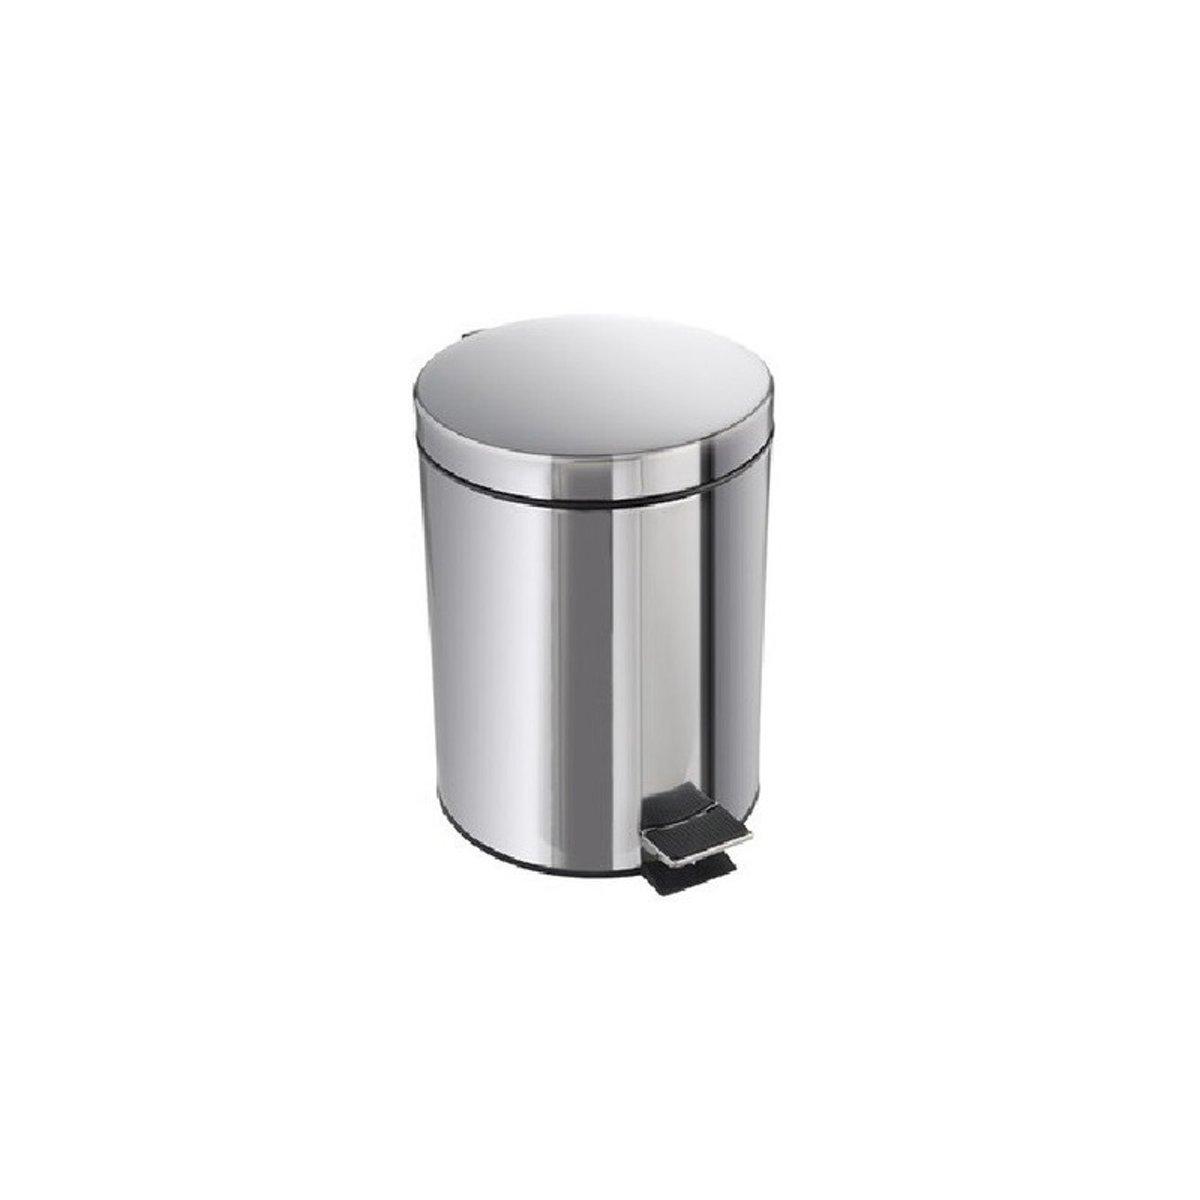 RVS pedaalemmer - 3 liter - afvalbakje / vuilnisbakje kopen